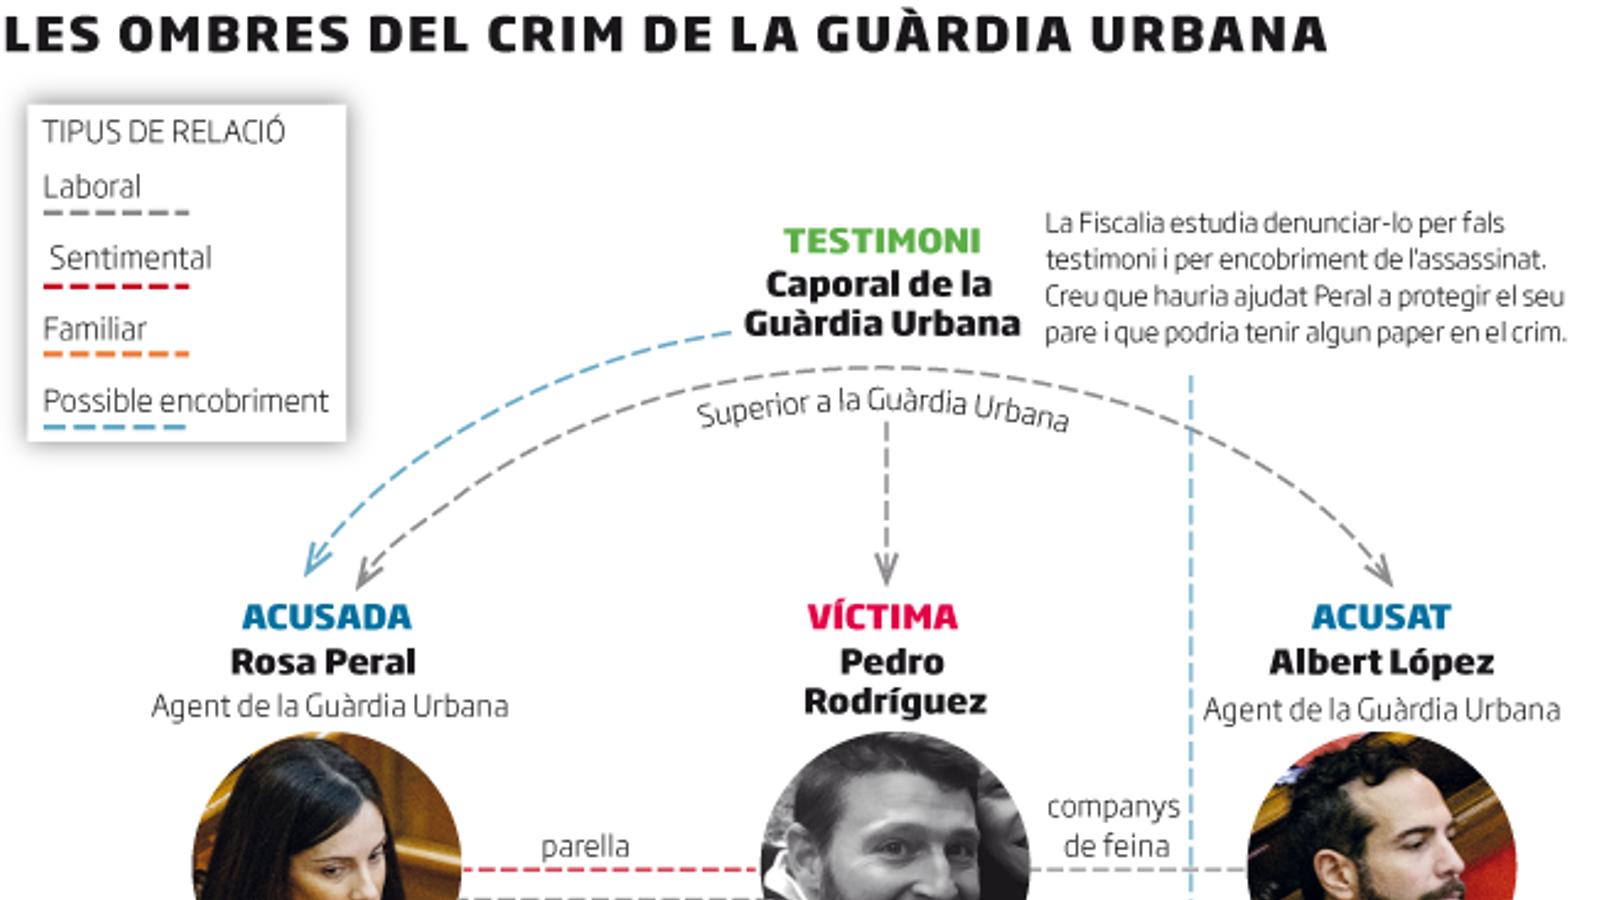 Nous triangles d'encobriments i traïcions al crim de la Urbana